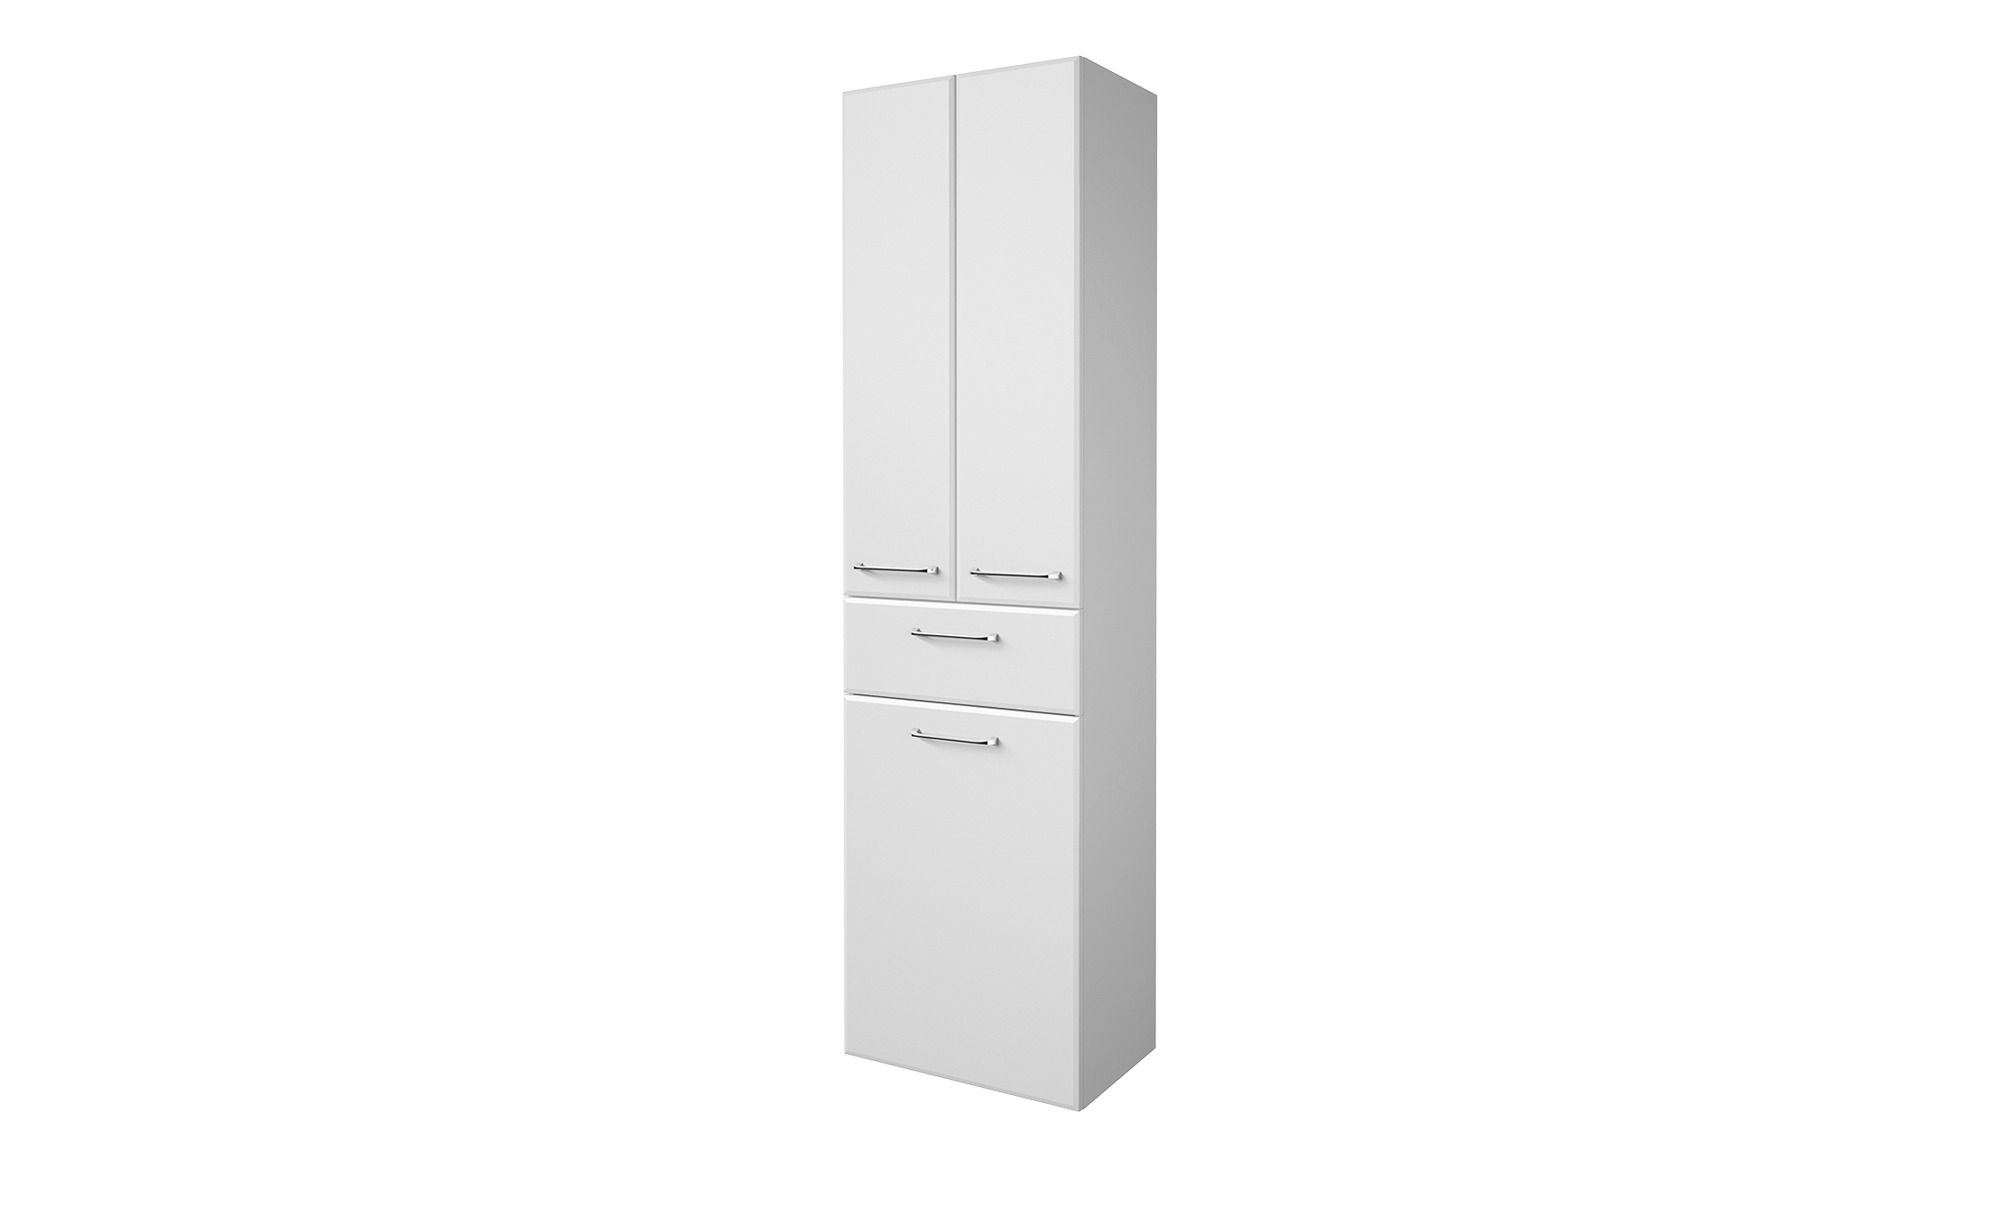 Eitelkeit Hochschränke Bad Dekoration Von Smart Bad-hochschrank 2-türig Onda Jetzt Bestellen Unter: